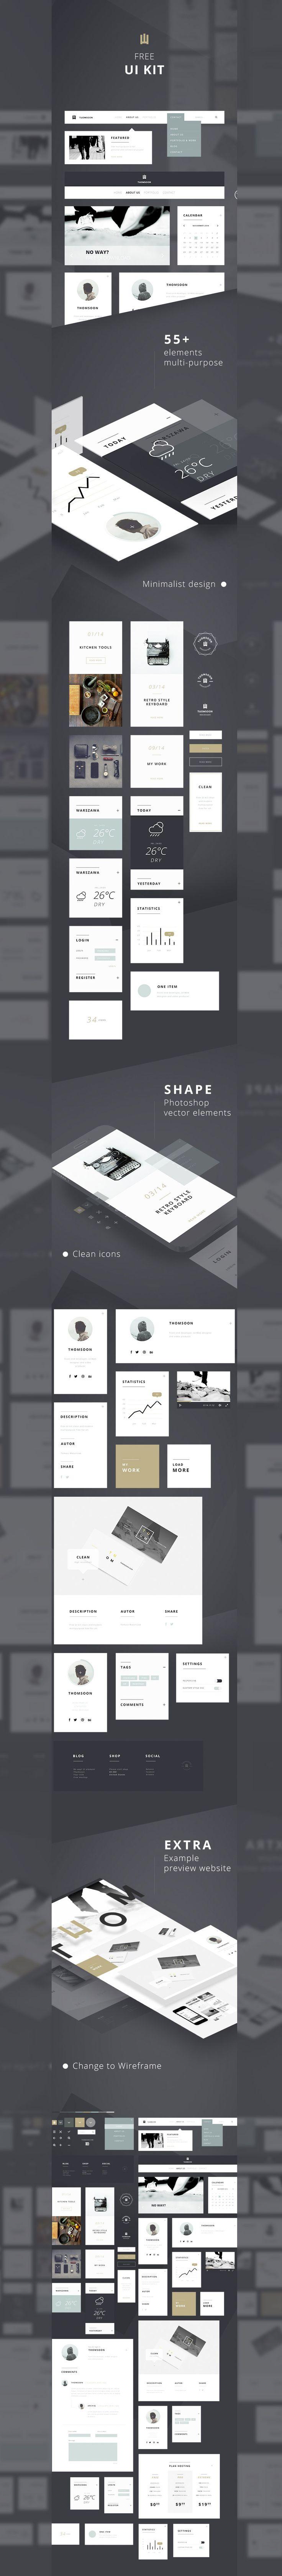 Free: PSDFest Design Asset Bundle | UI Kits, Mockups & More